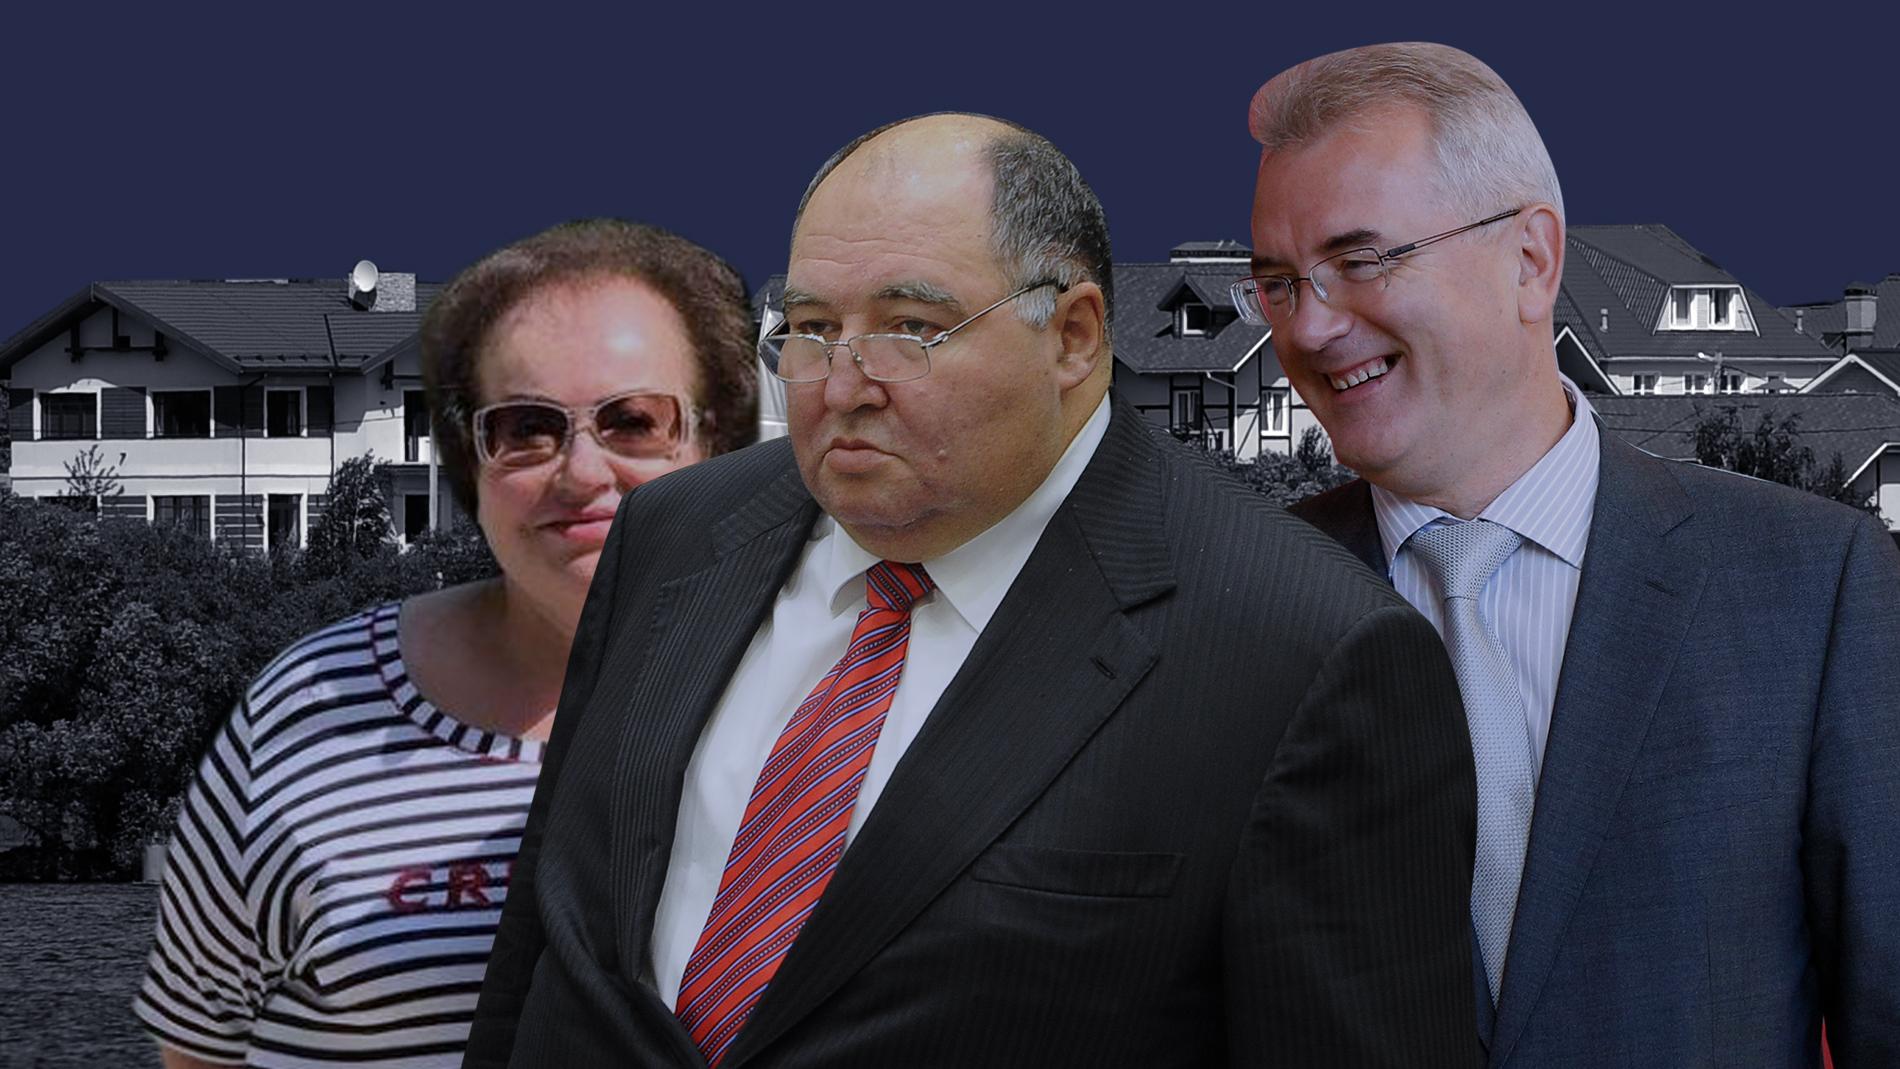 Пока олигарх Шпигель и экс-губернатор Белозерцев делили миллионы, их водители судились за квартиру